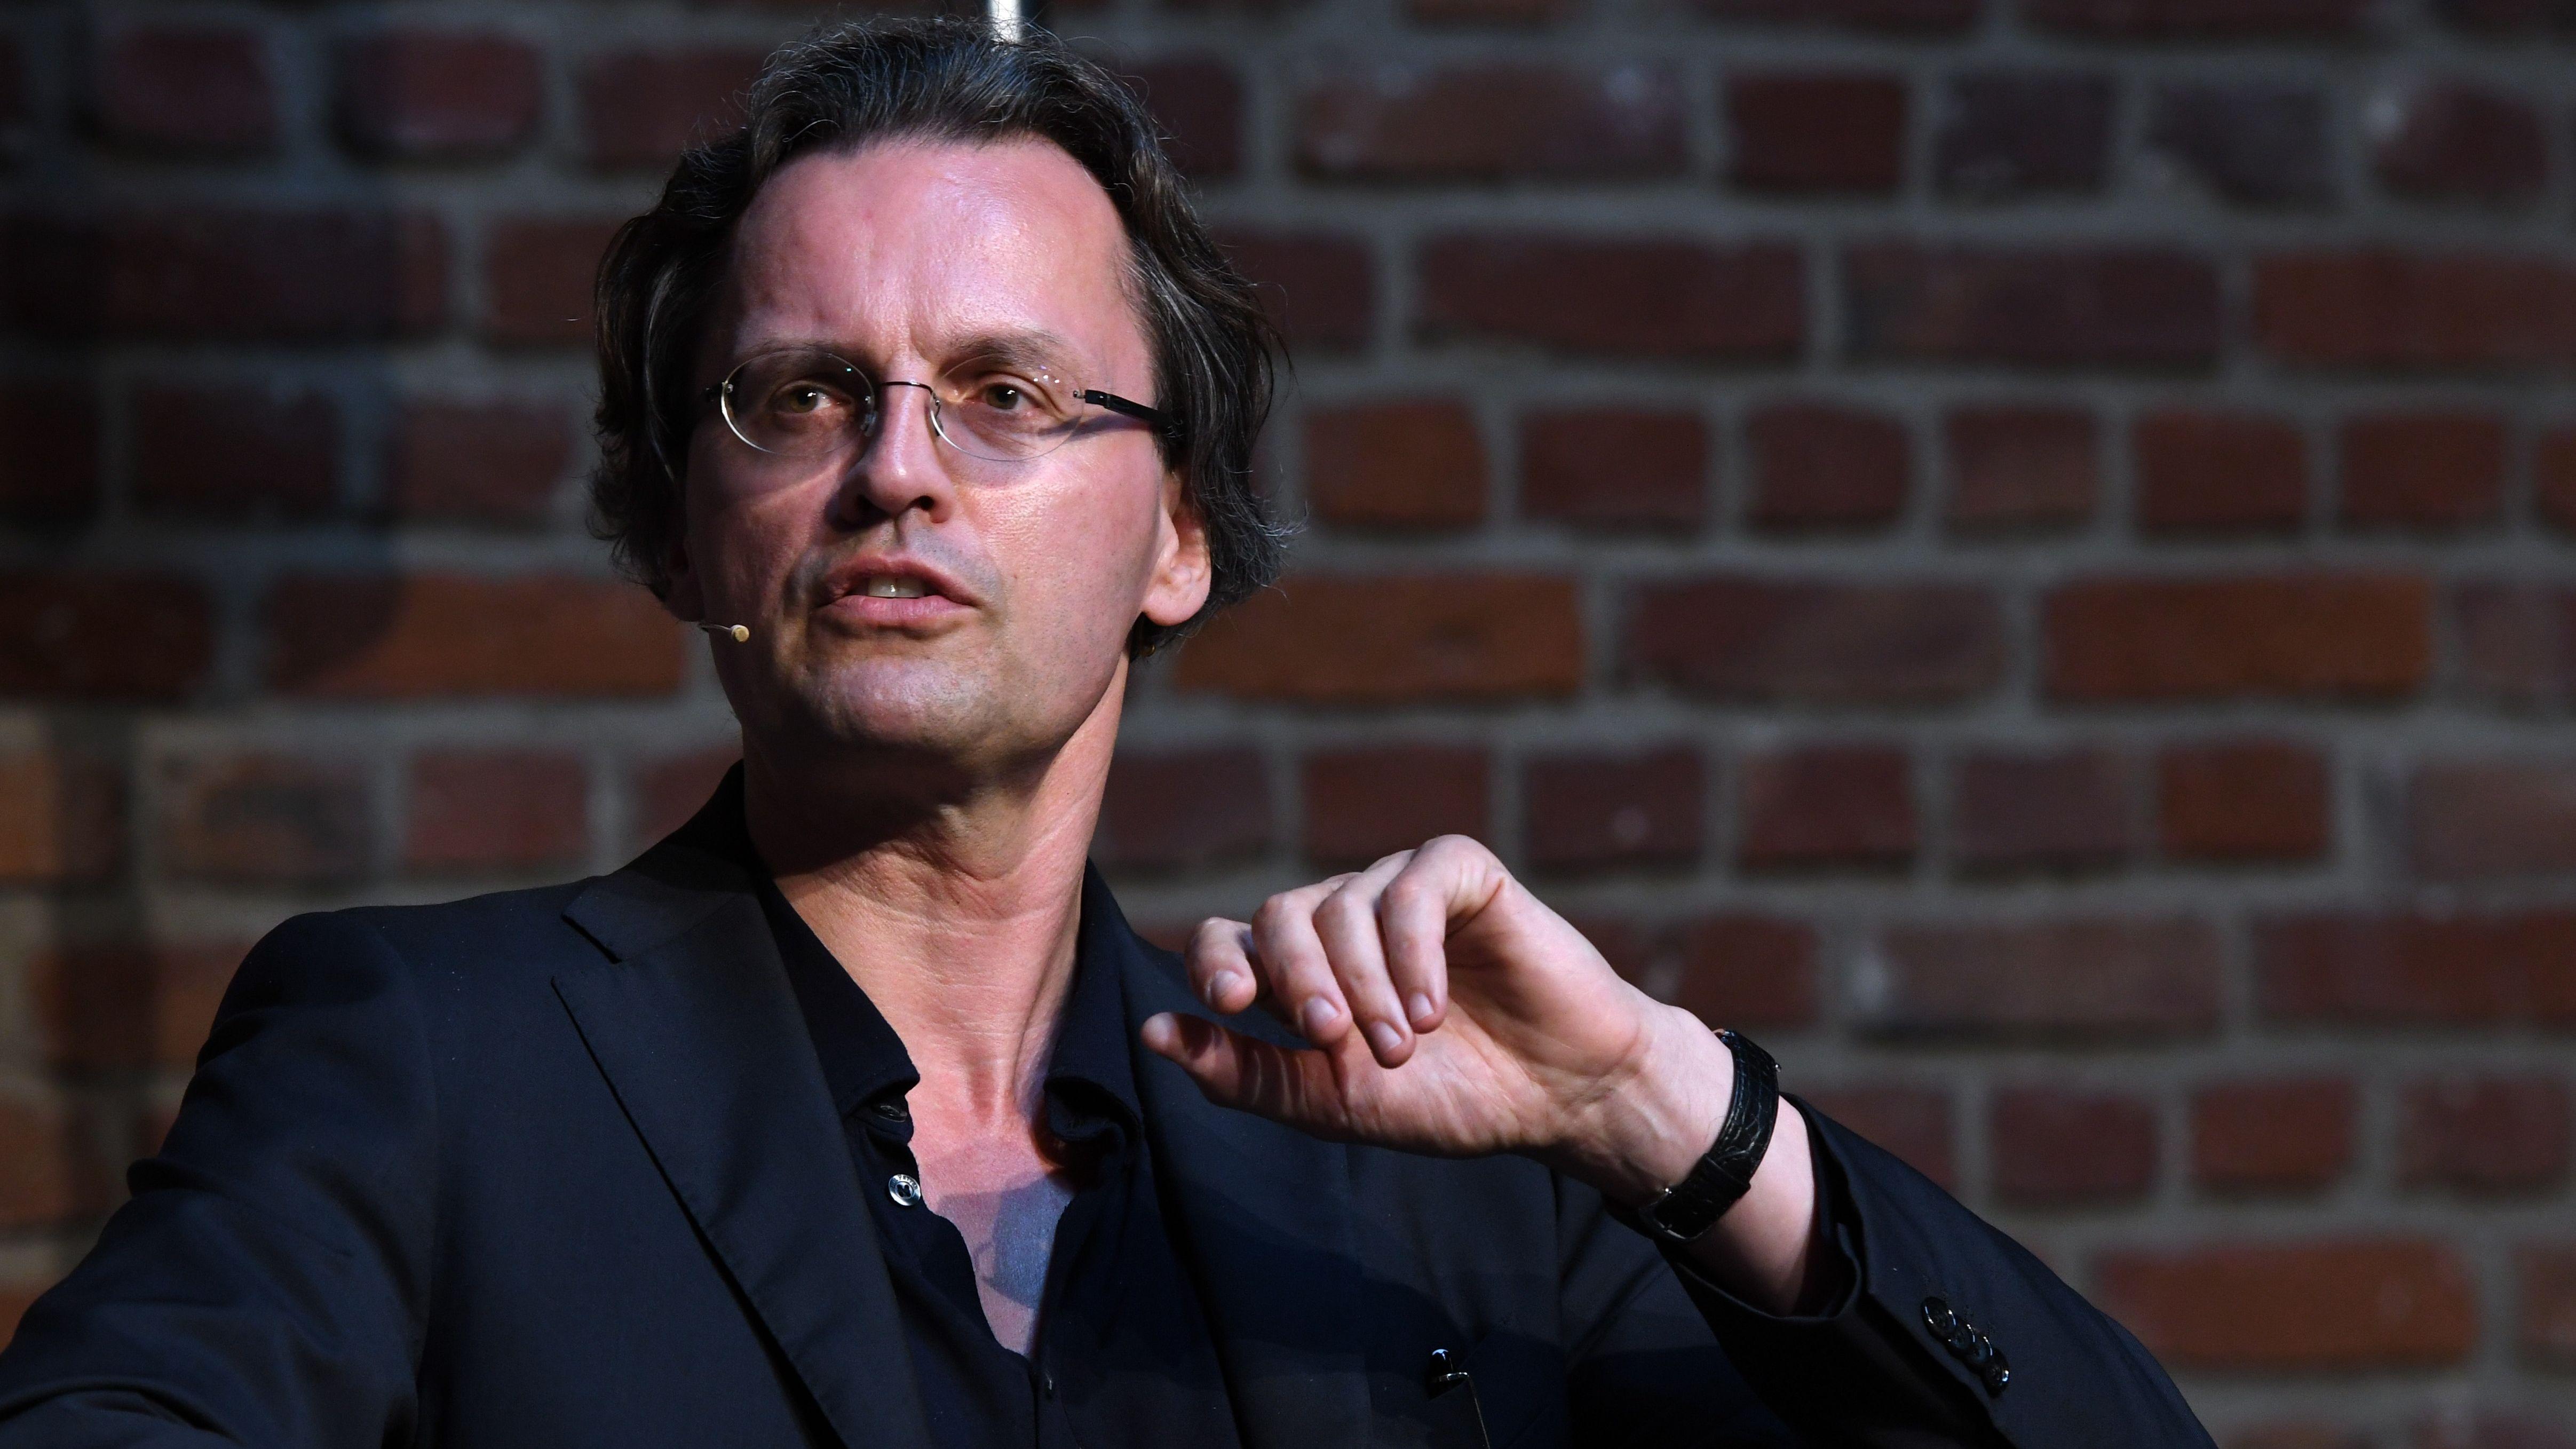 Der Medienwissenschaftler und Autor Bernhard Pörksen liest und diskutiert am 09.06.2018 in Köln auf der 6. phil.cologne, dem grössten deutschen Philosophie Festival. (Archivbild)